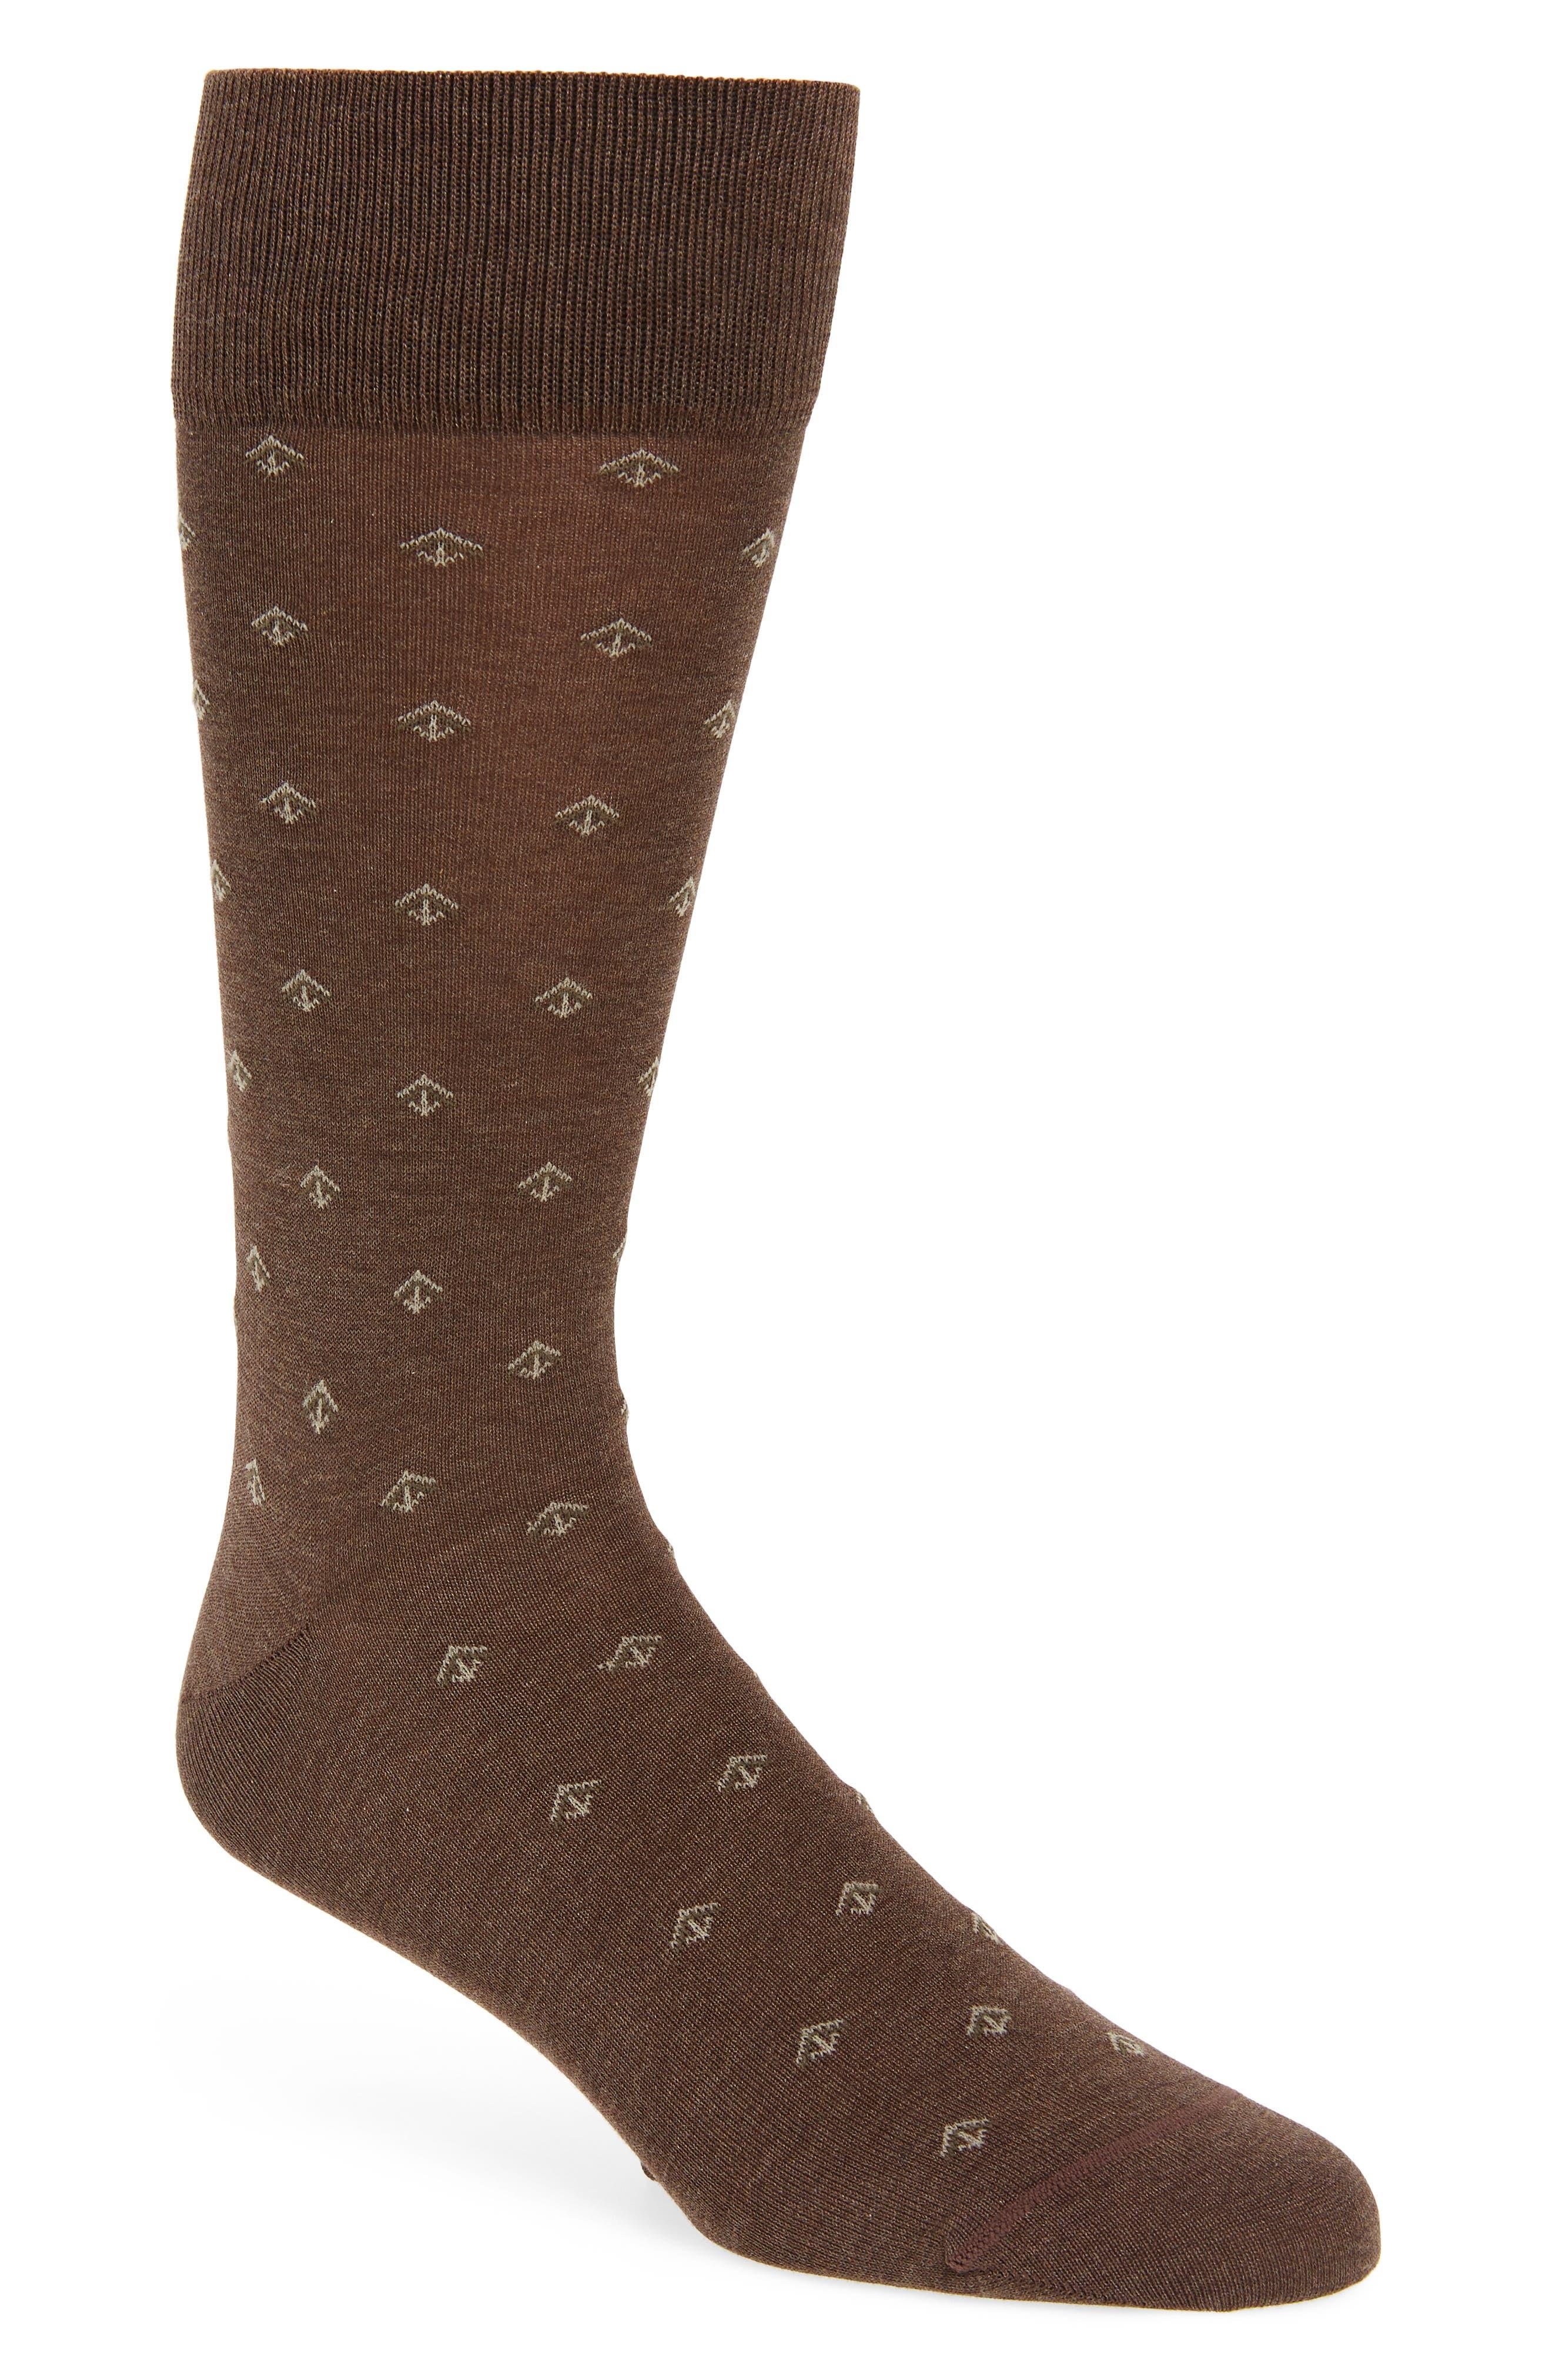 Cascading Arrows Socks,                         Main,                         color, Brown Heather